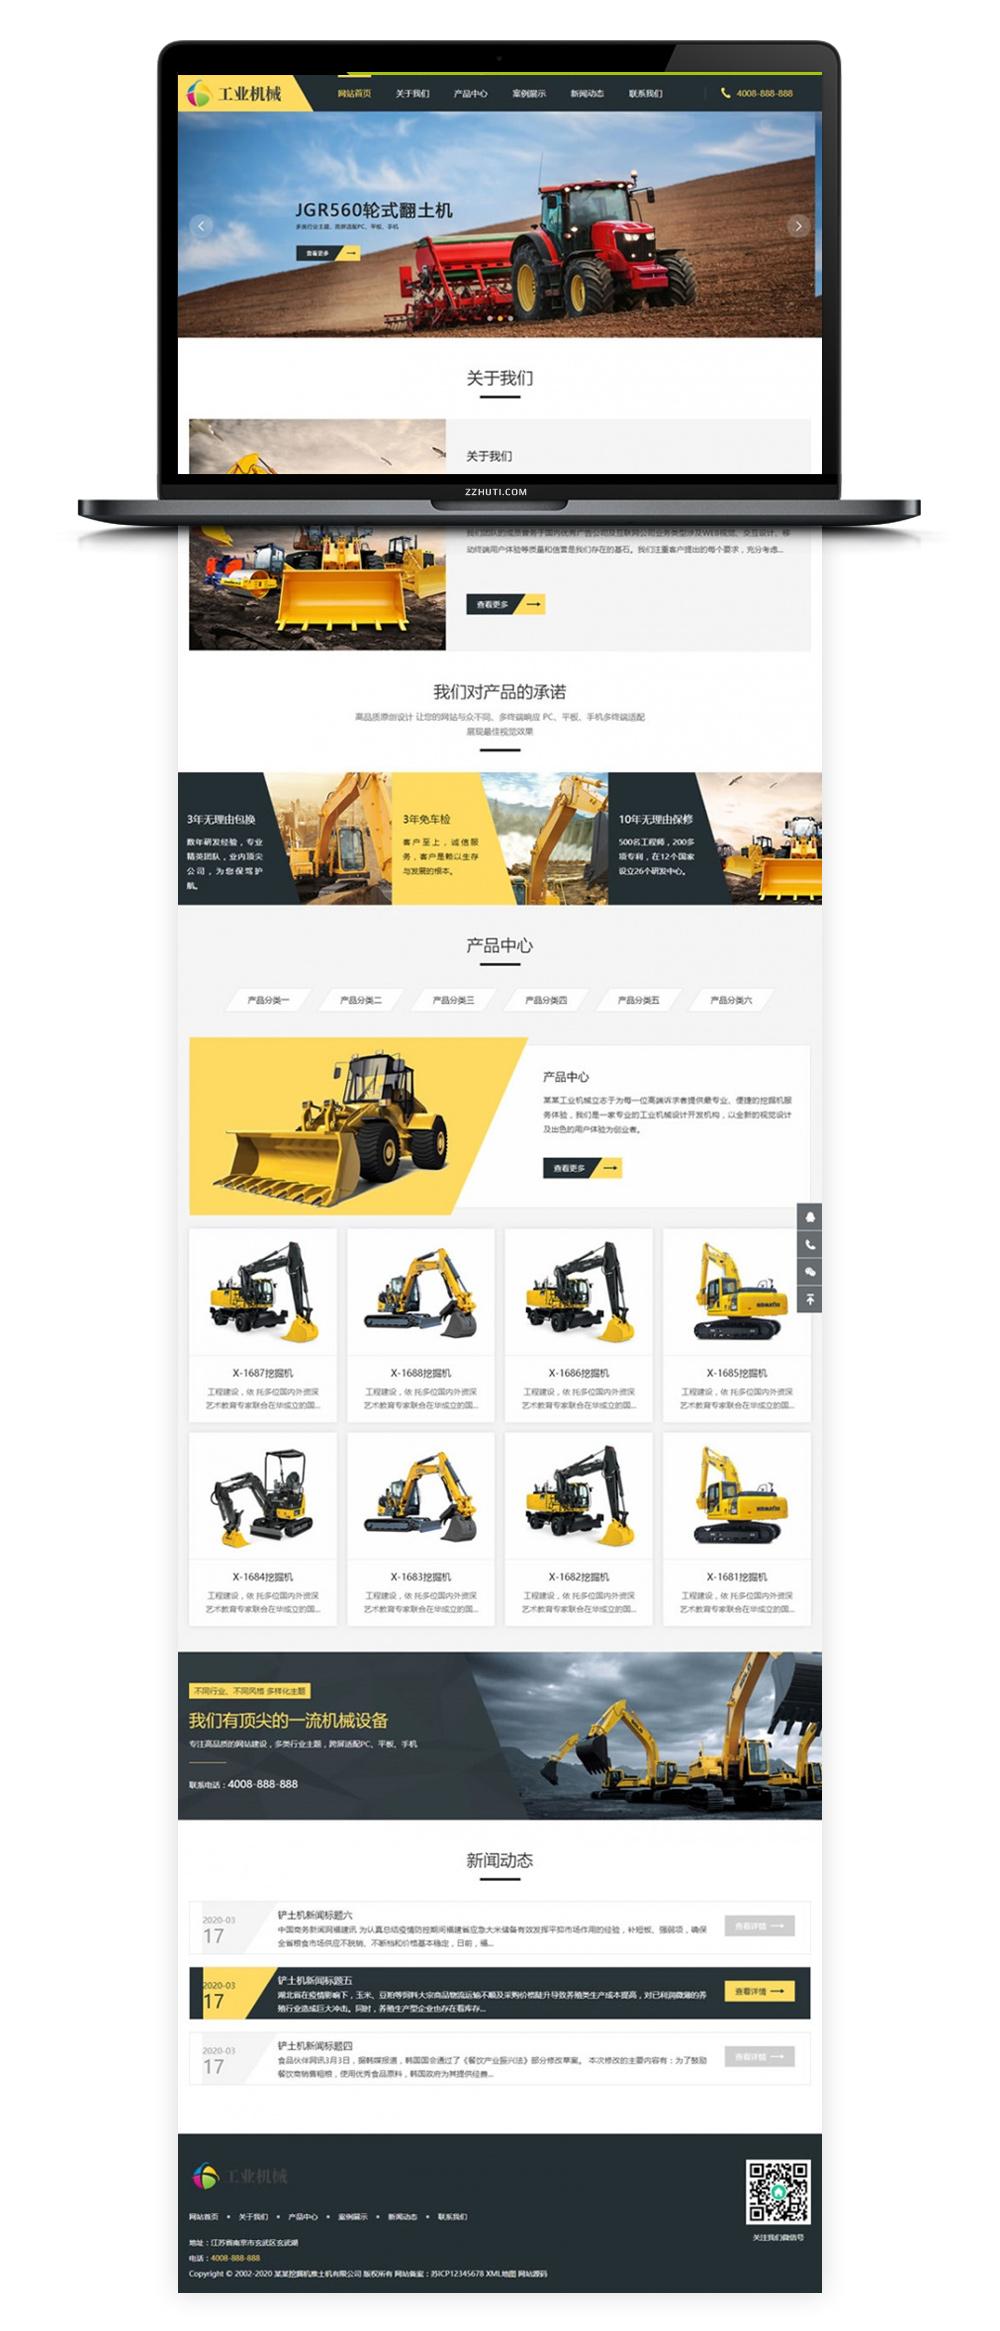 织梦推土机挖掘机大型机械企业展示网站模板-蓝汇源码